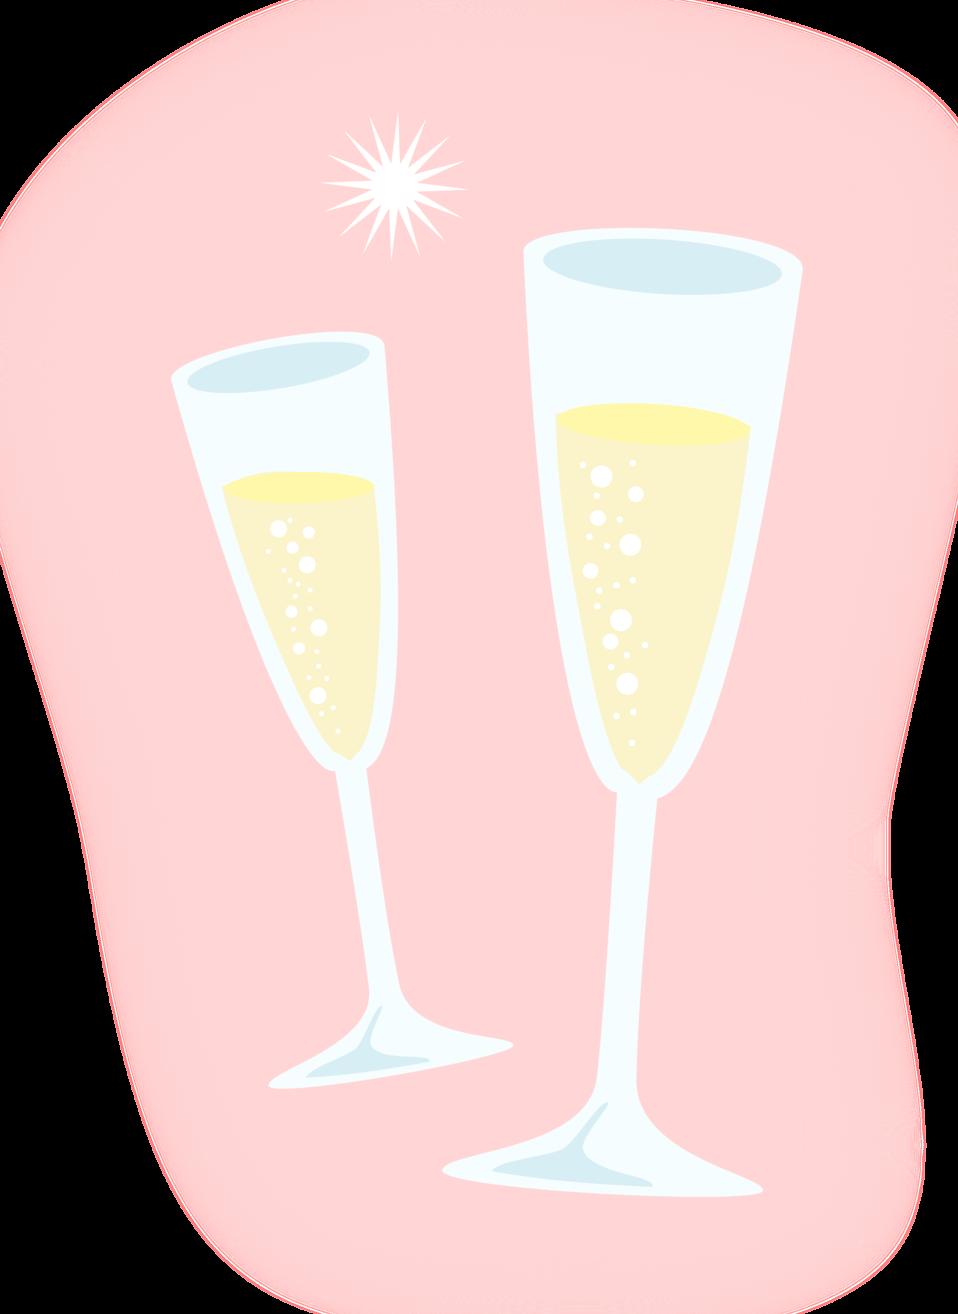 Flutes clipart champaigne. Champagne free stock photo